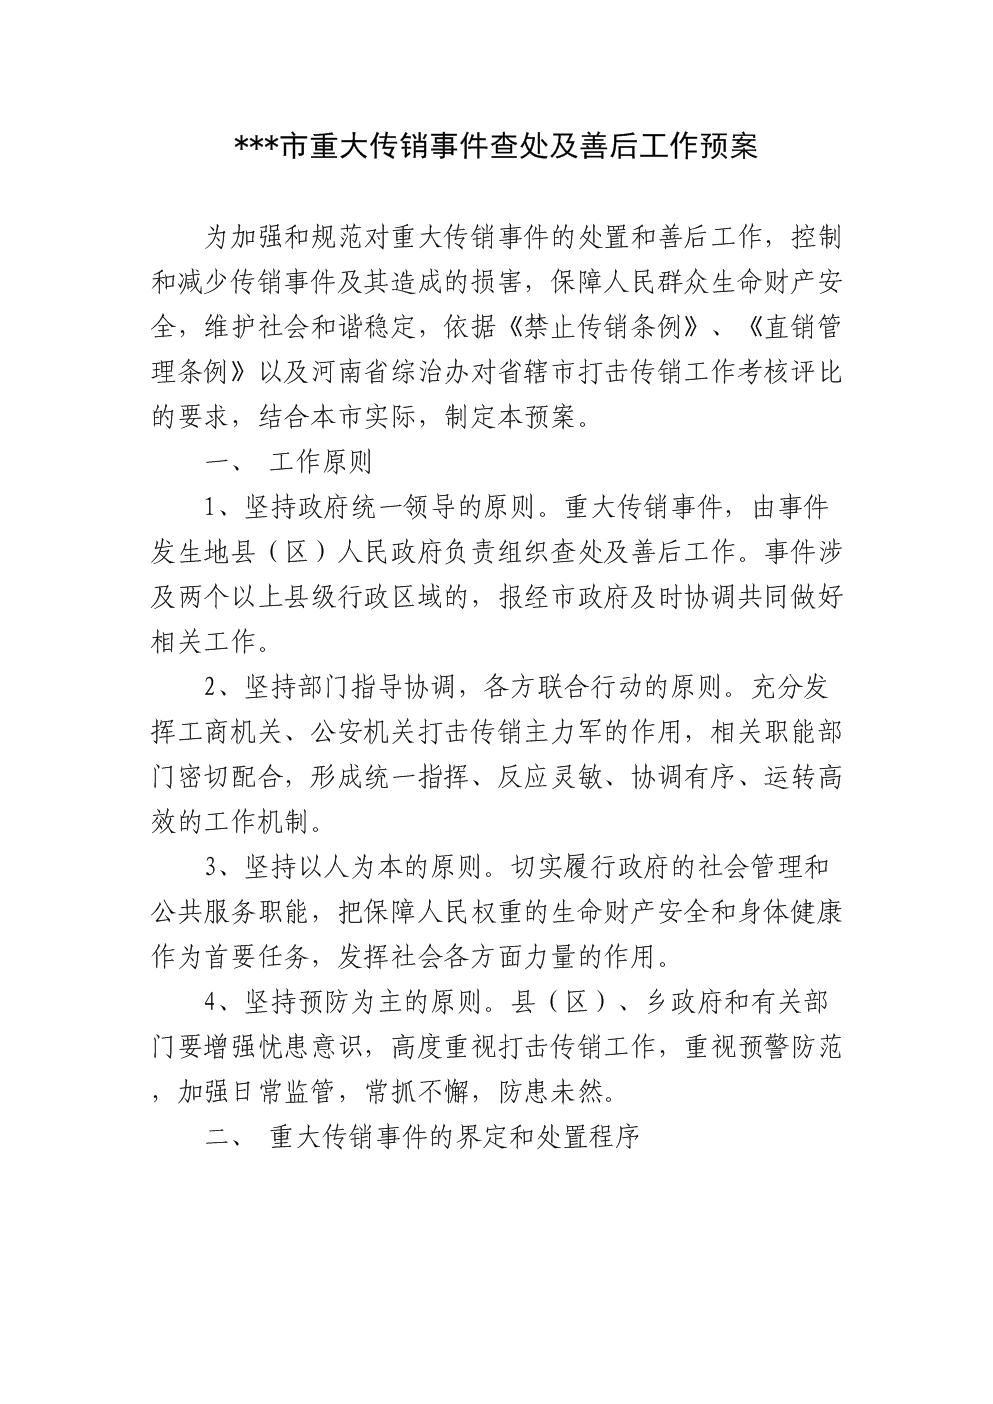 市重大传销事件查处及善后工作预案.doc